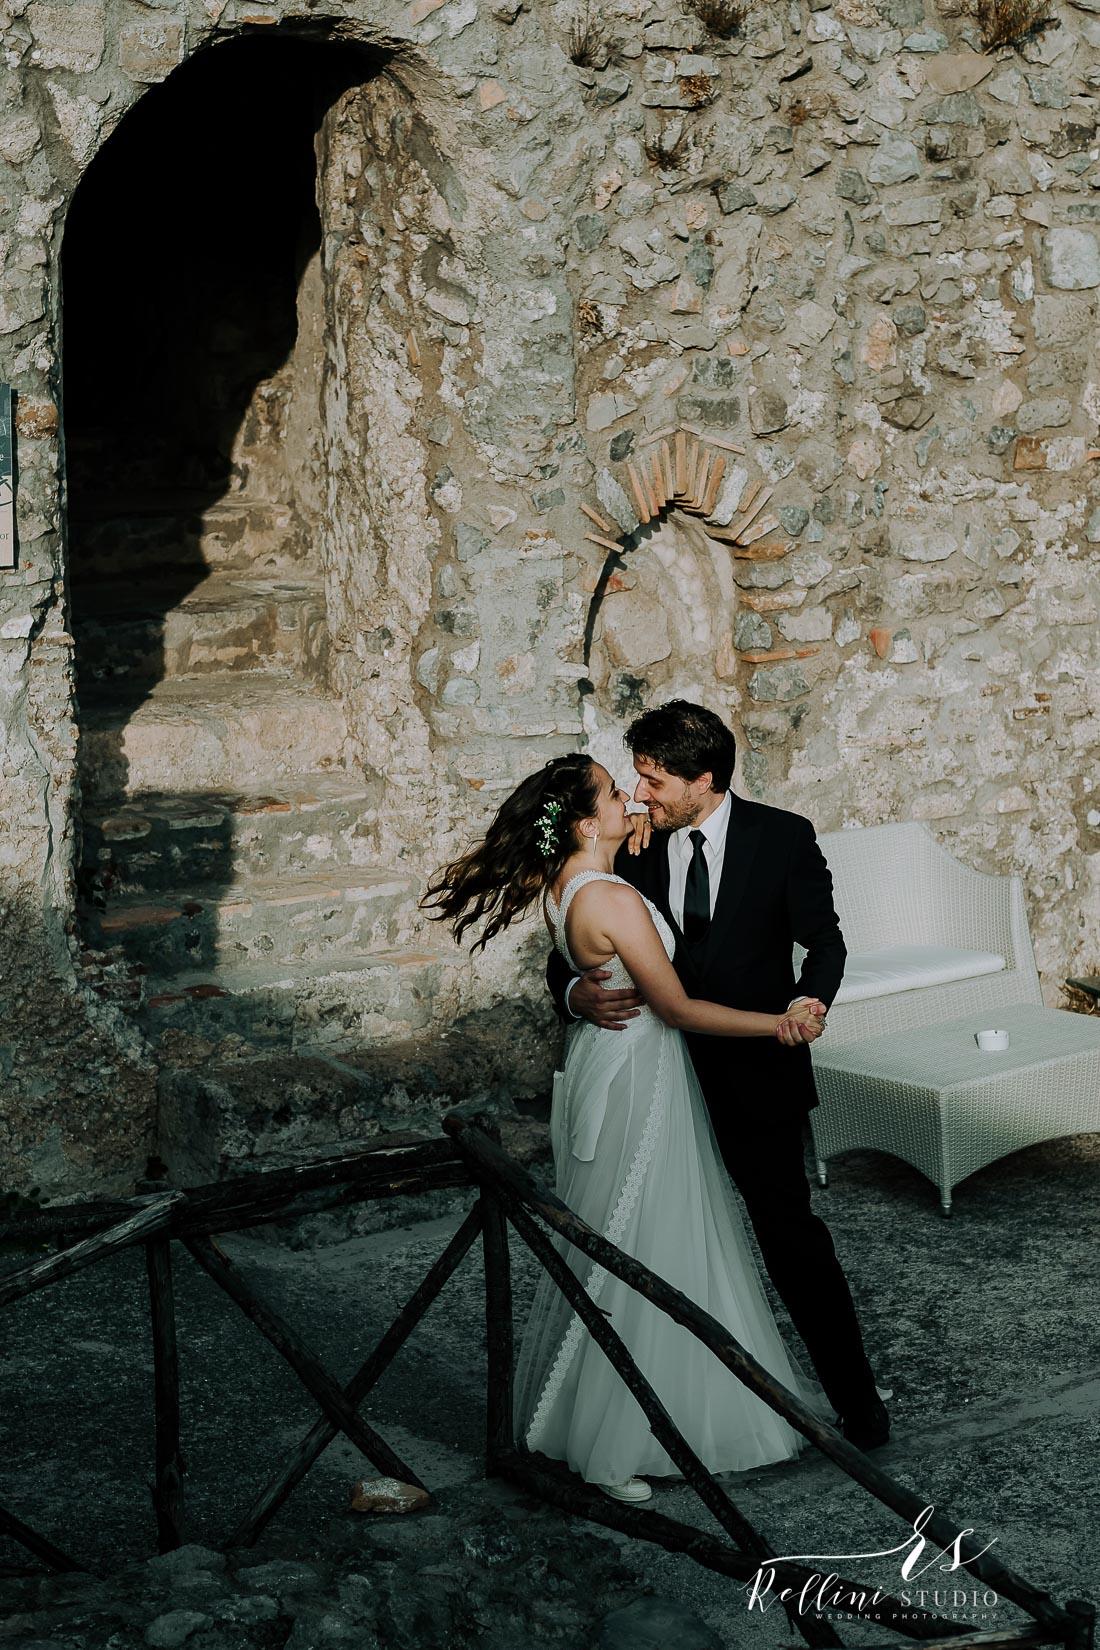 matrimonio Castello di Arechi Salerno 115.jpg